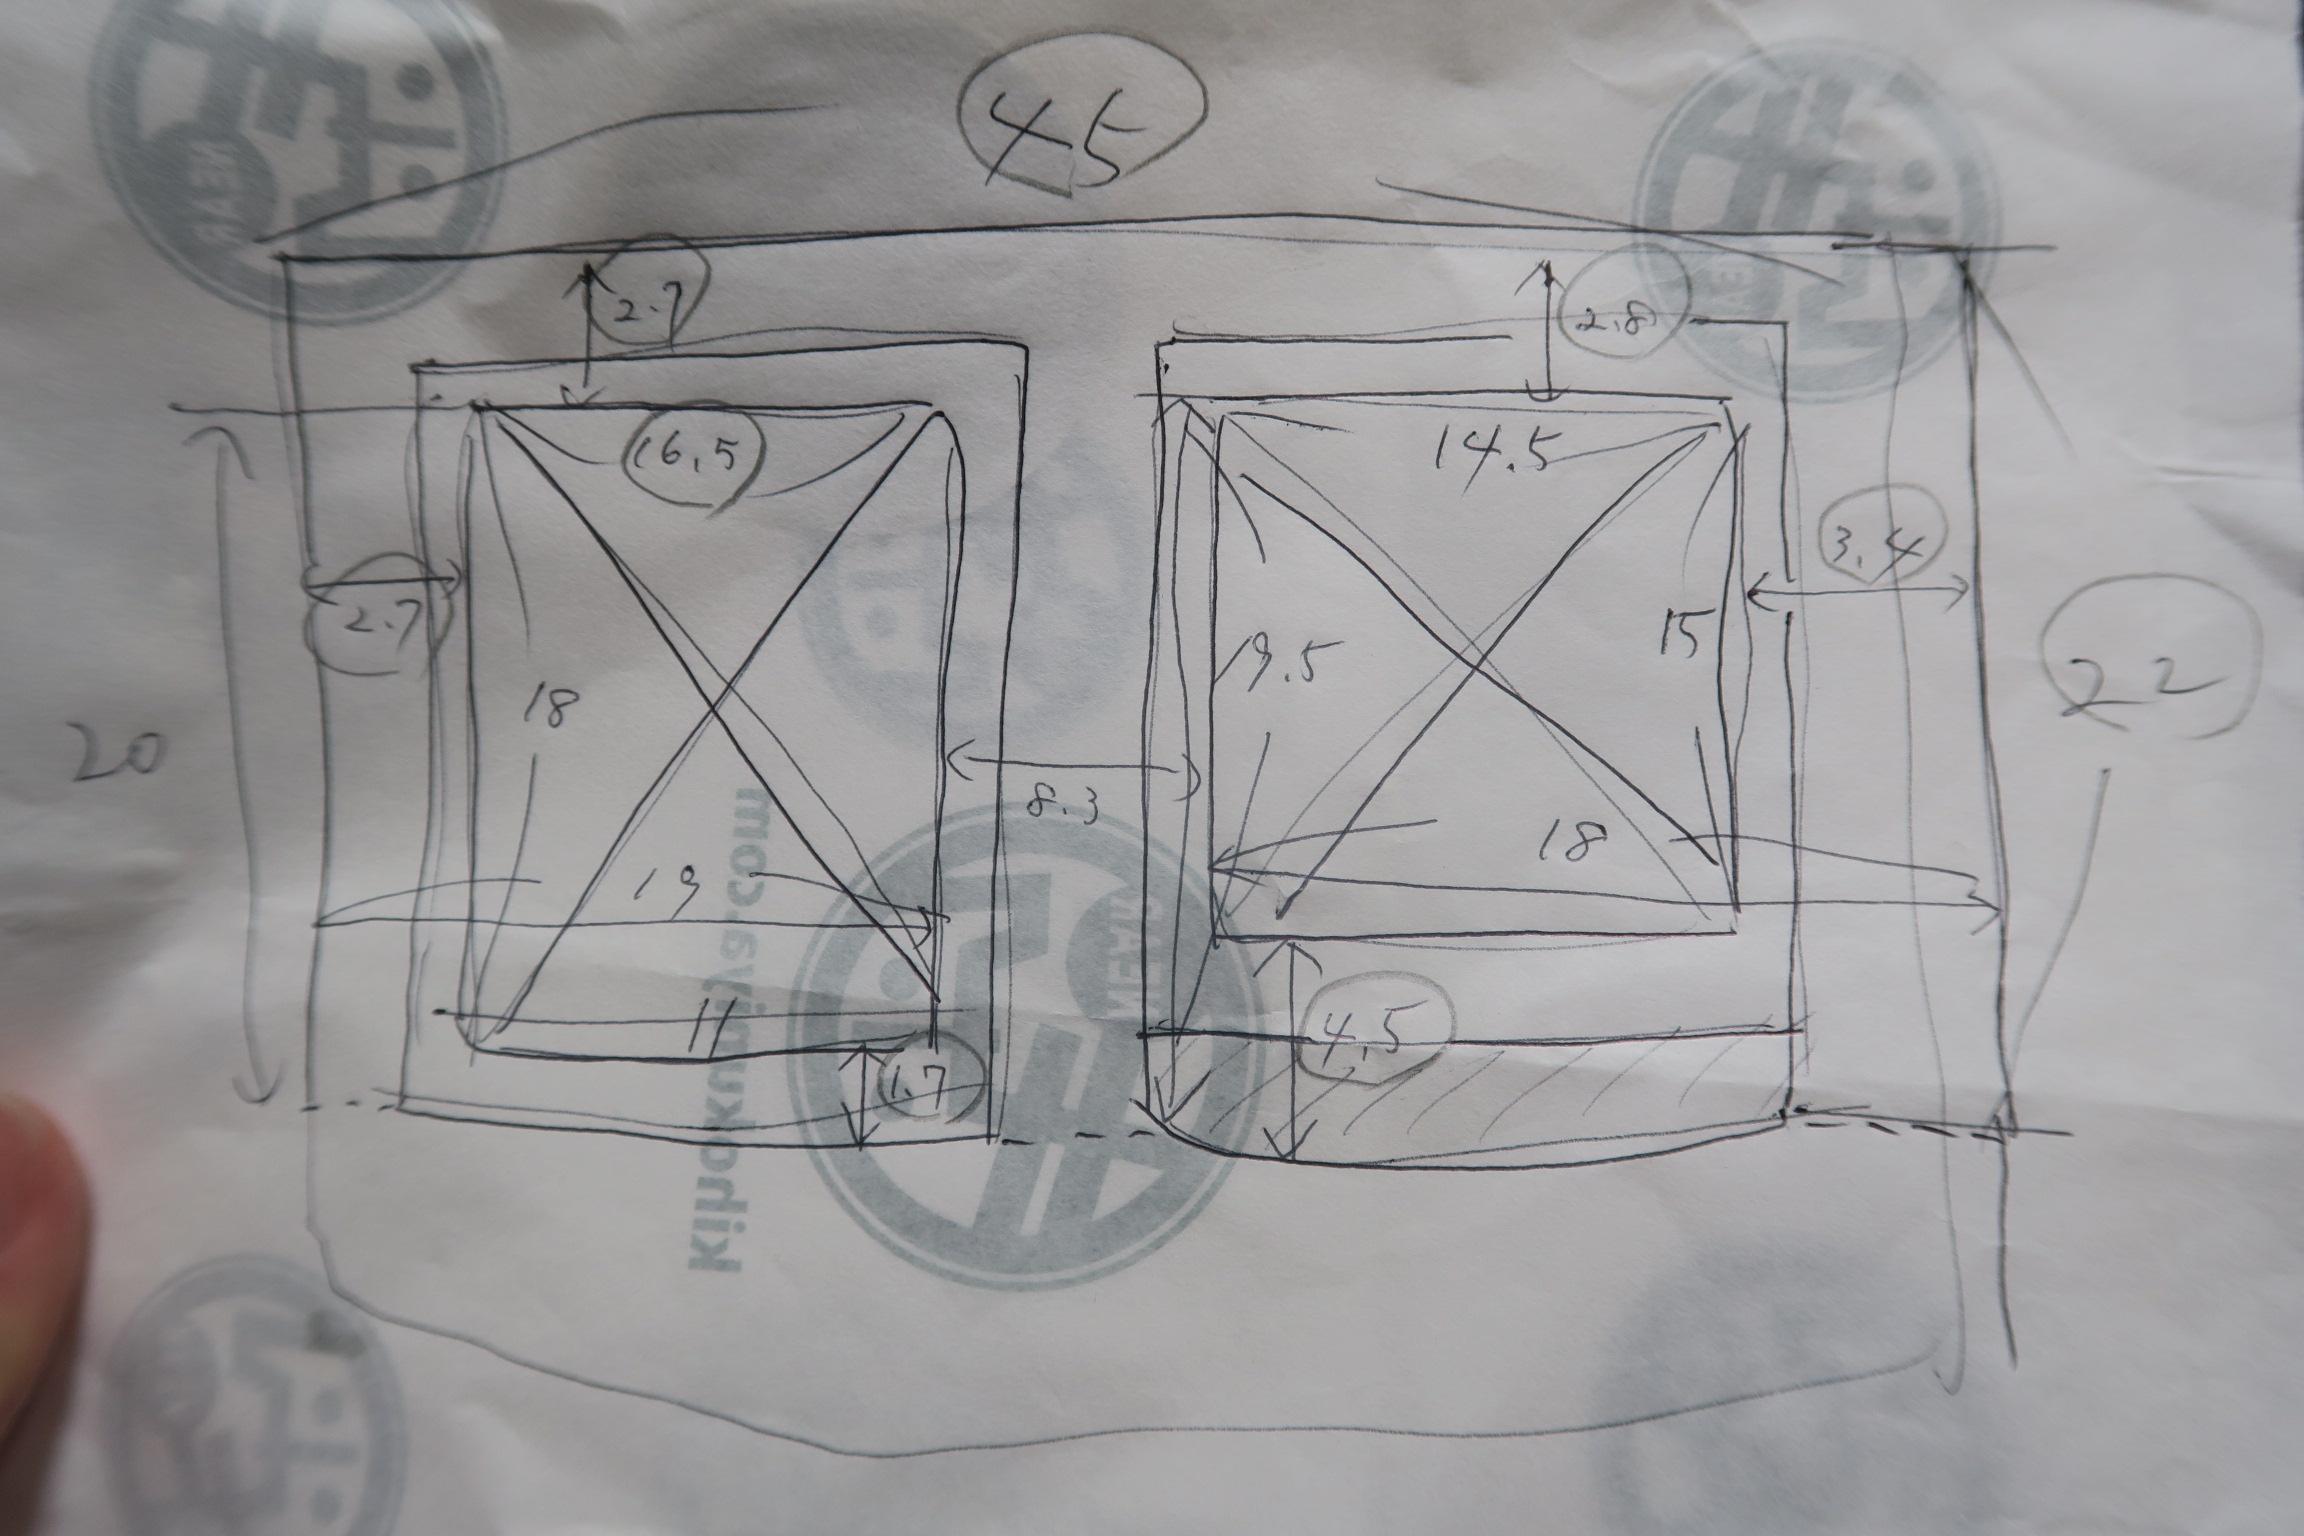 電気メーターボックスの採寸